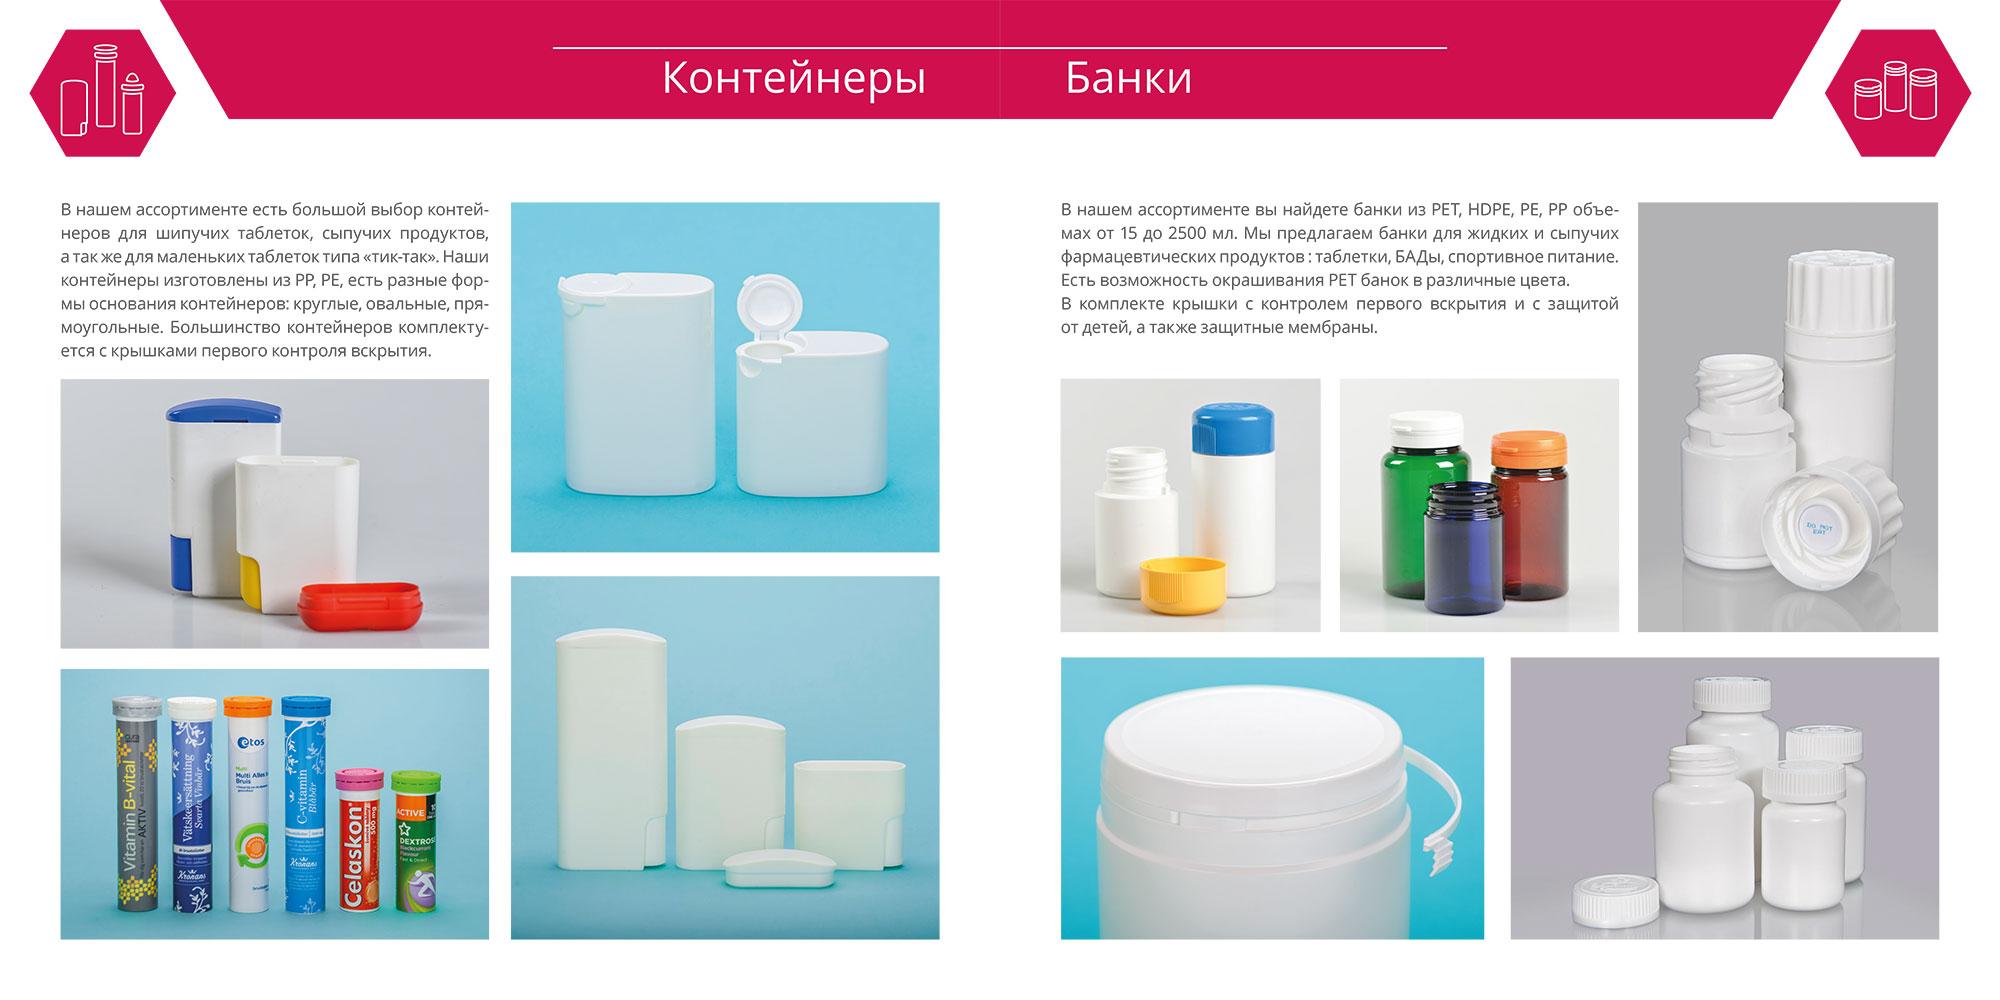 farmapak-katalog-21x21-4-5